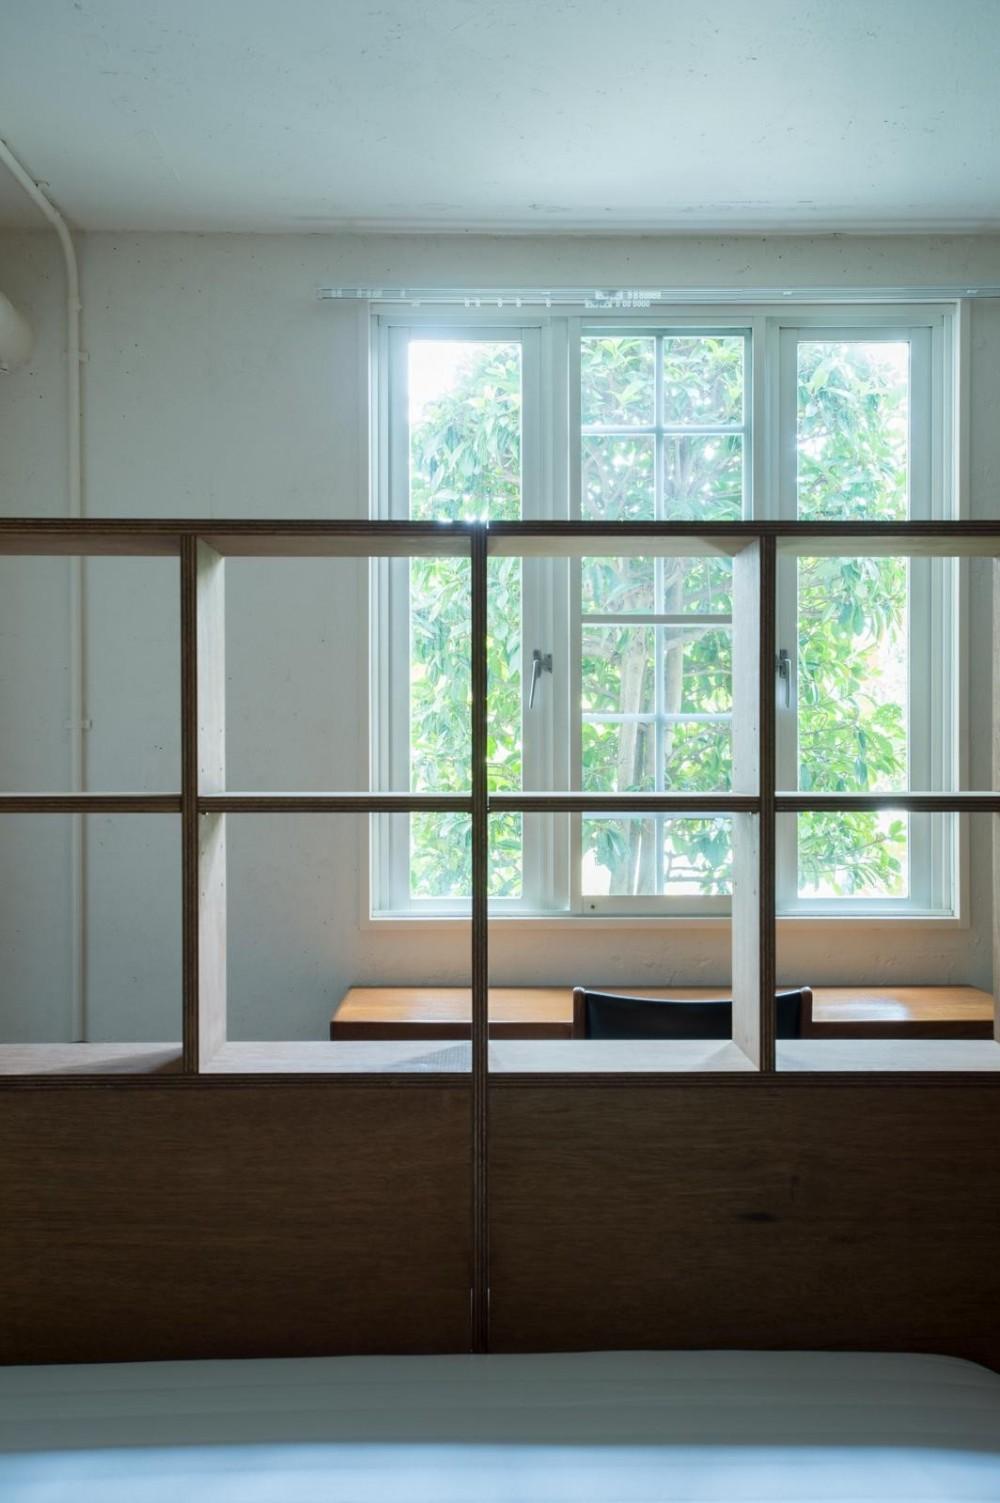 ゼロリノベ「港町を感じる横浜のヴィンテージマンションリノベ」